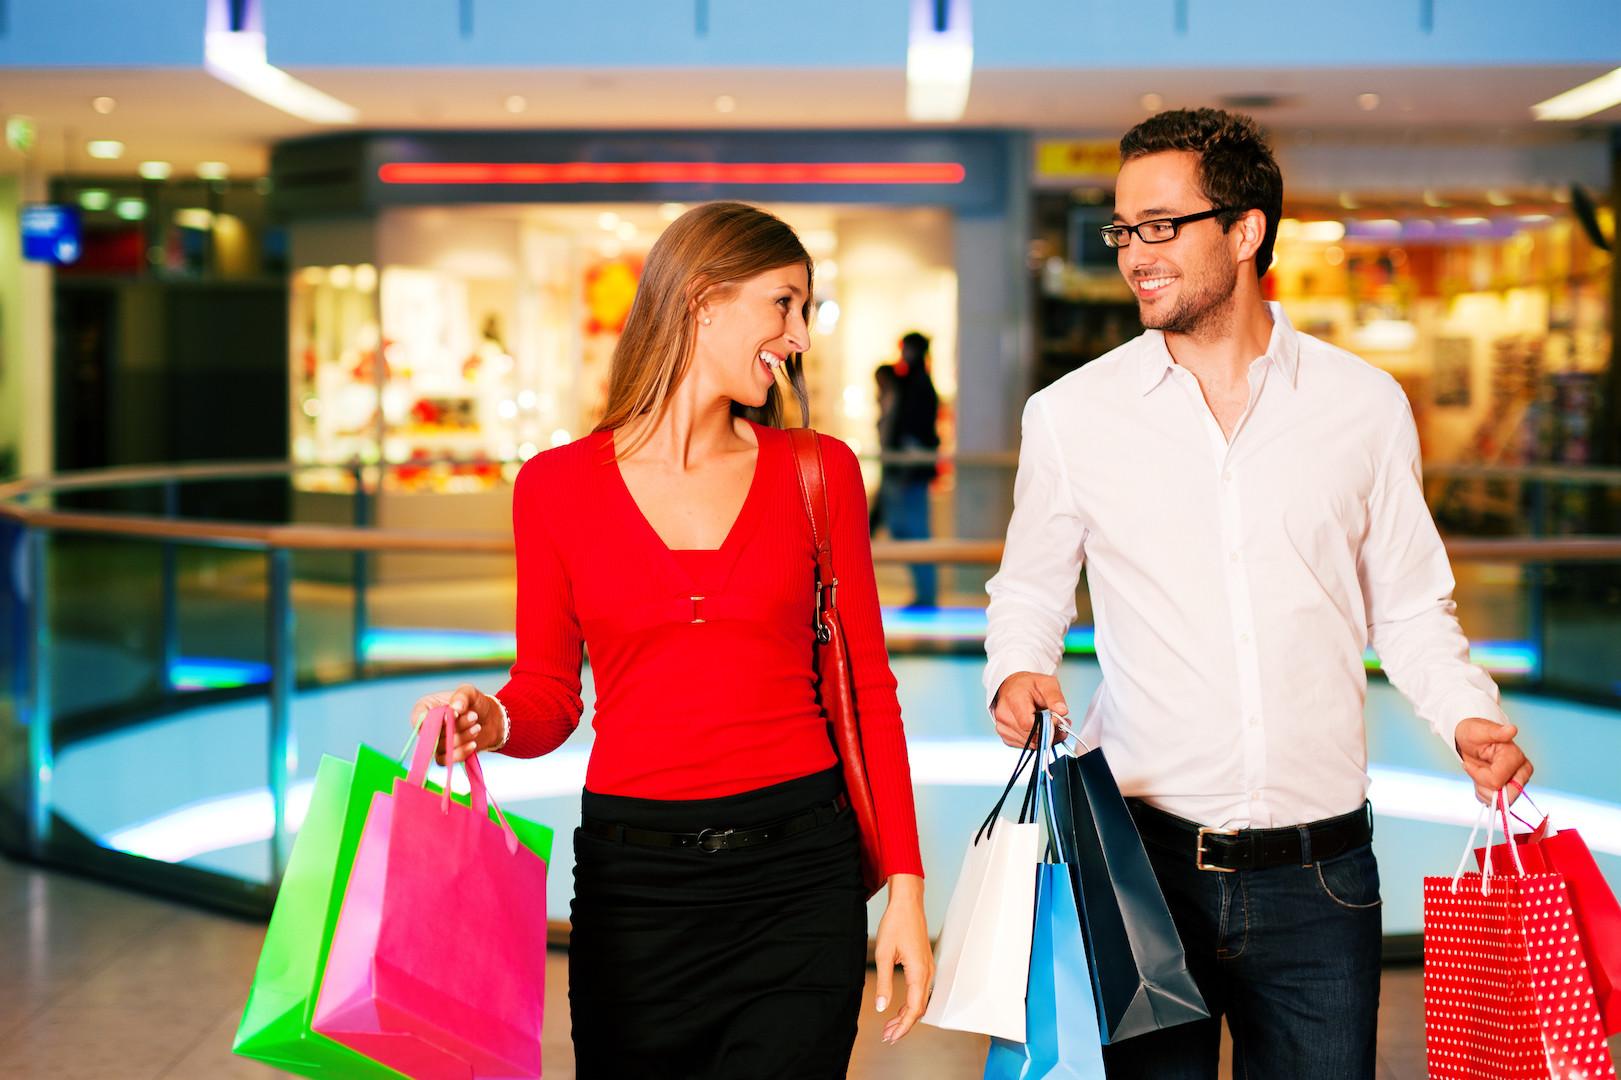 Verkaufsräume, Warenhäuser, Einkaufscenter – überall dort, wo viele Menschen zusammenkommen, shoppen und sich wohl fühlen wollen. Damit sie dort gerne länger bleiben, mehr einkaufen und die Zeit genießen.